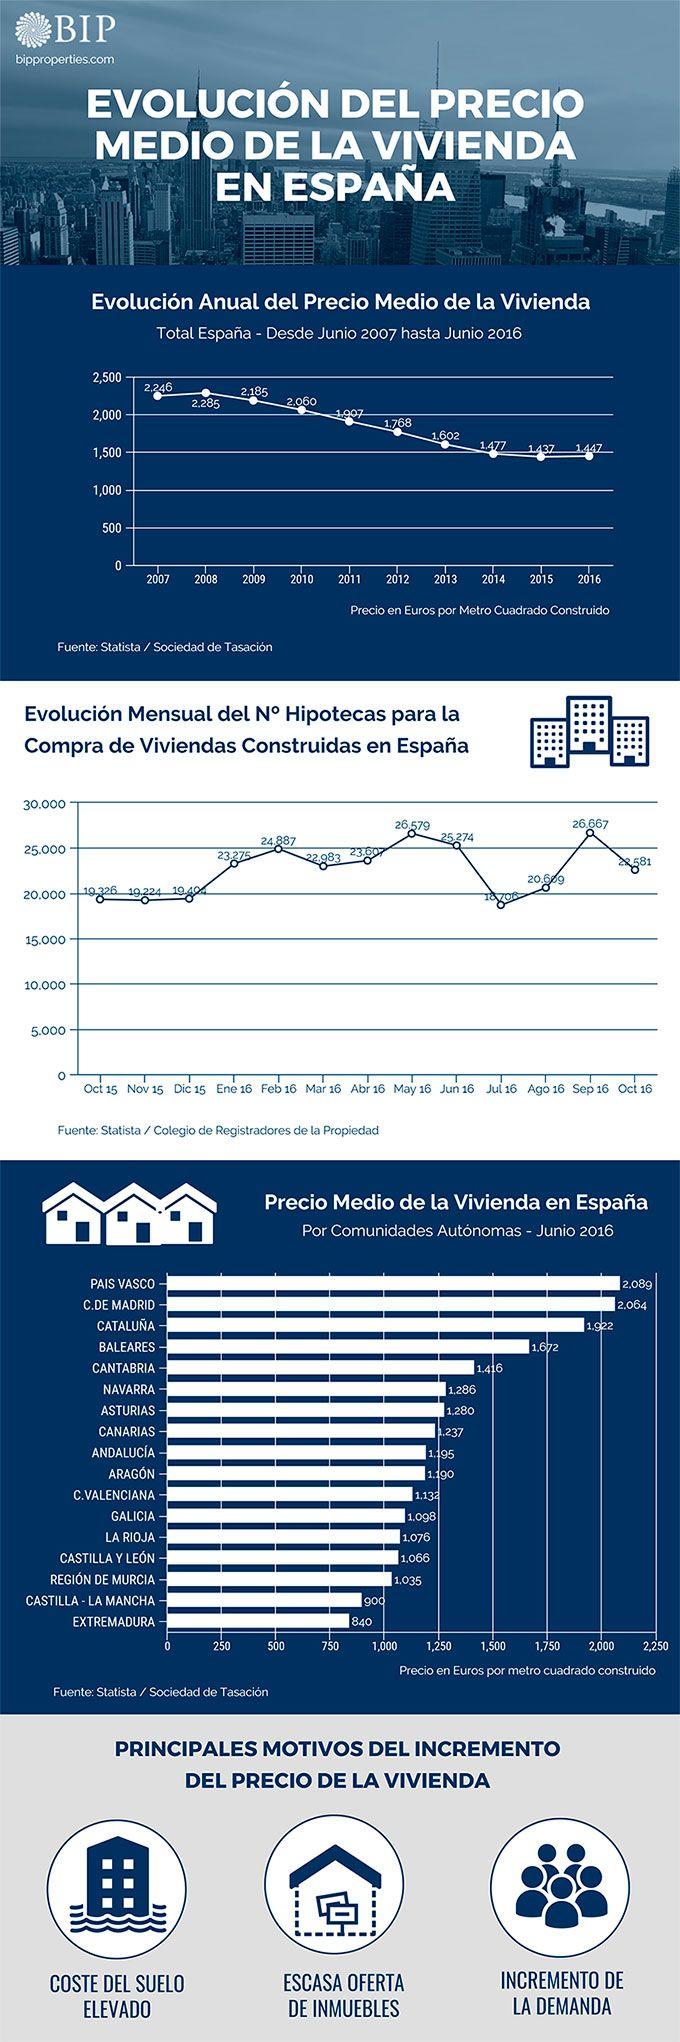 Infografía de la evolución del precio medio de la vivienda en España. Interesantes datos sobre la evolución del número de hipotecas y el precio de la vivienda en España.